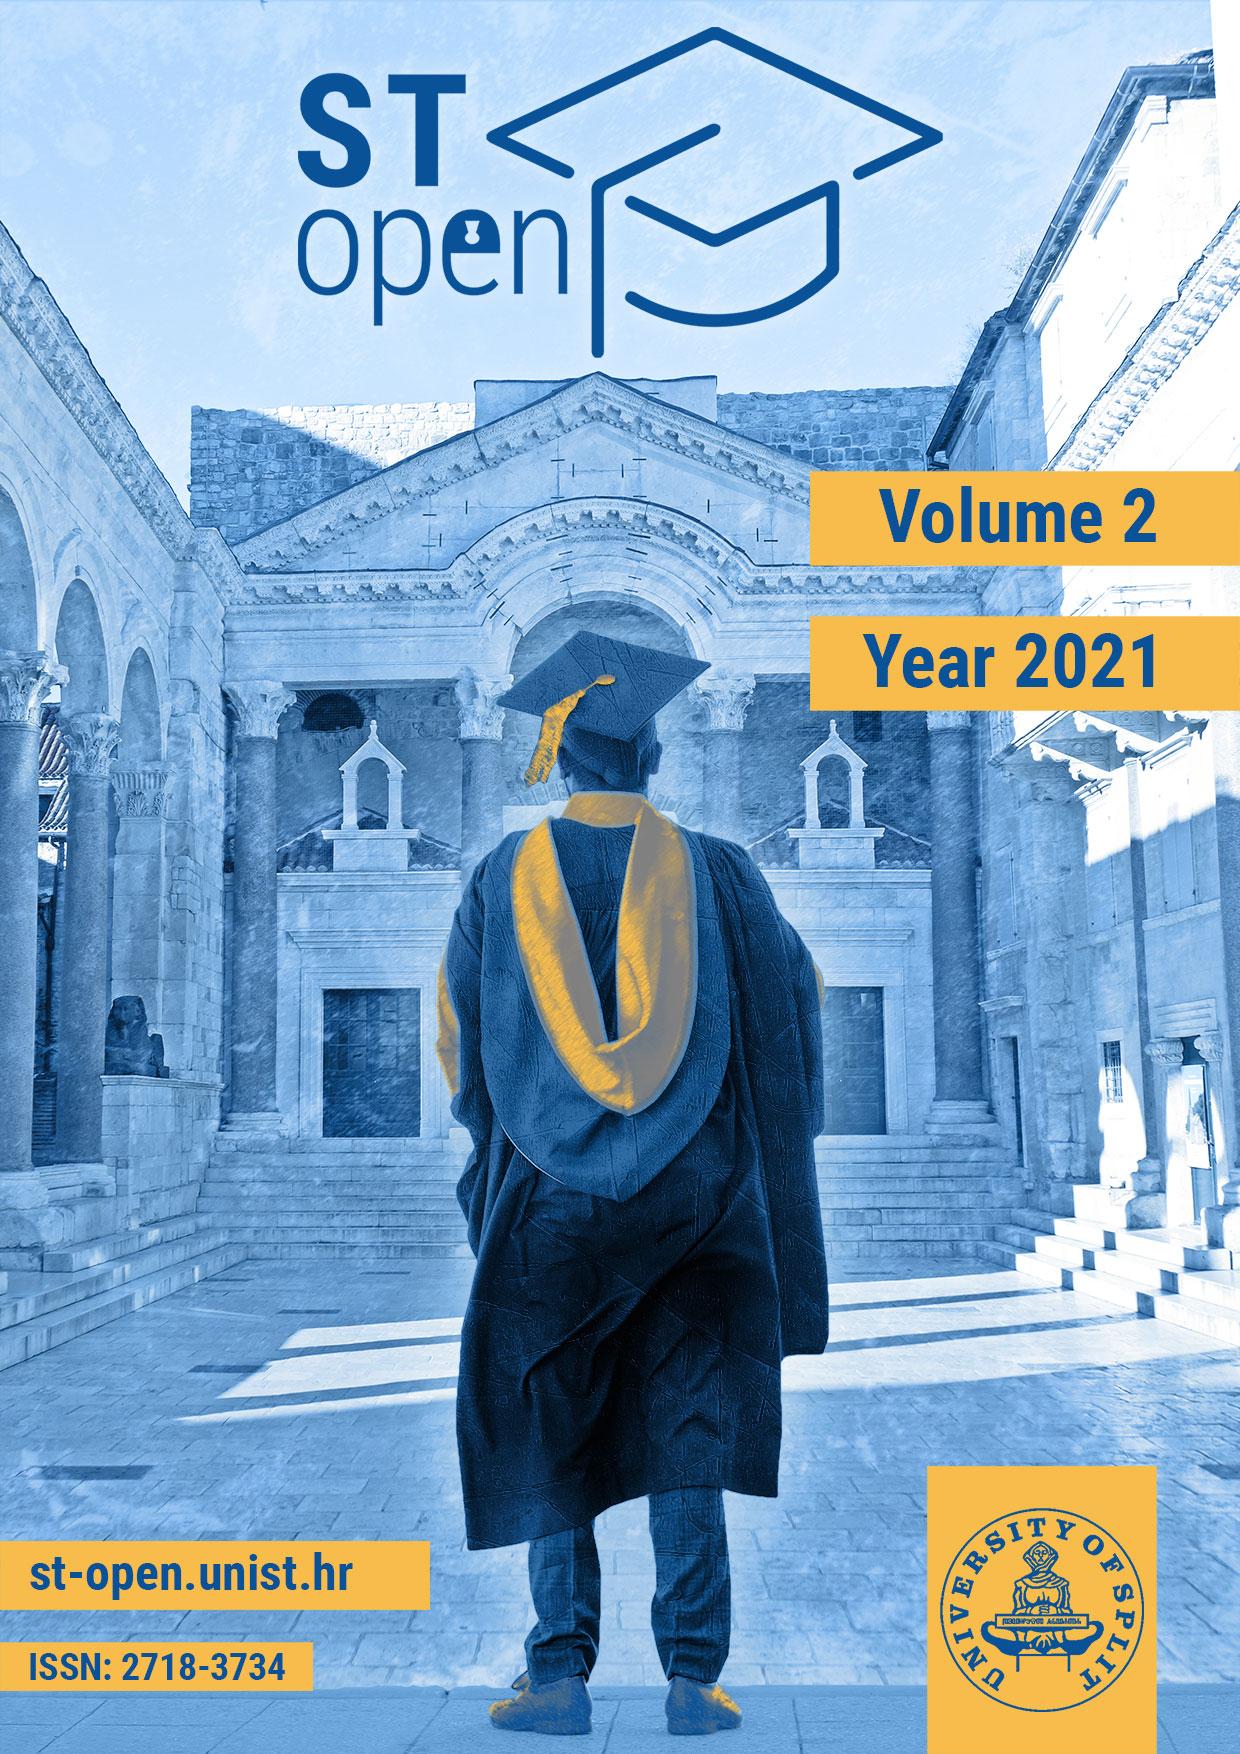 ST-OPEN Volume 2